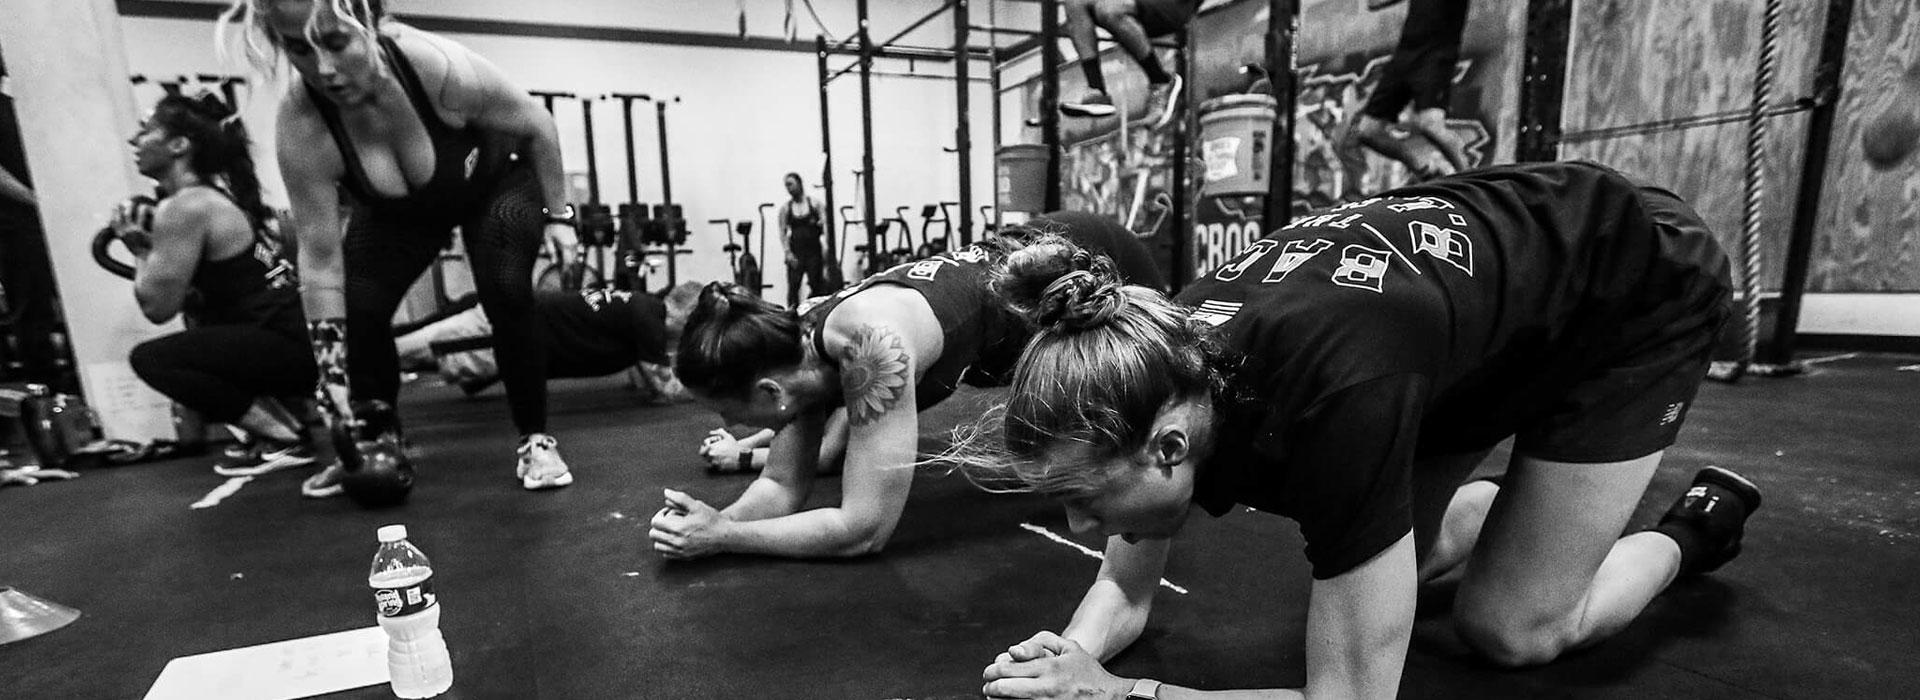 Strength Training in Cortlandt Manor NY, Strength Training near Yorktown Heights NY, Strength Training near Peekskill NY